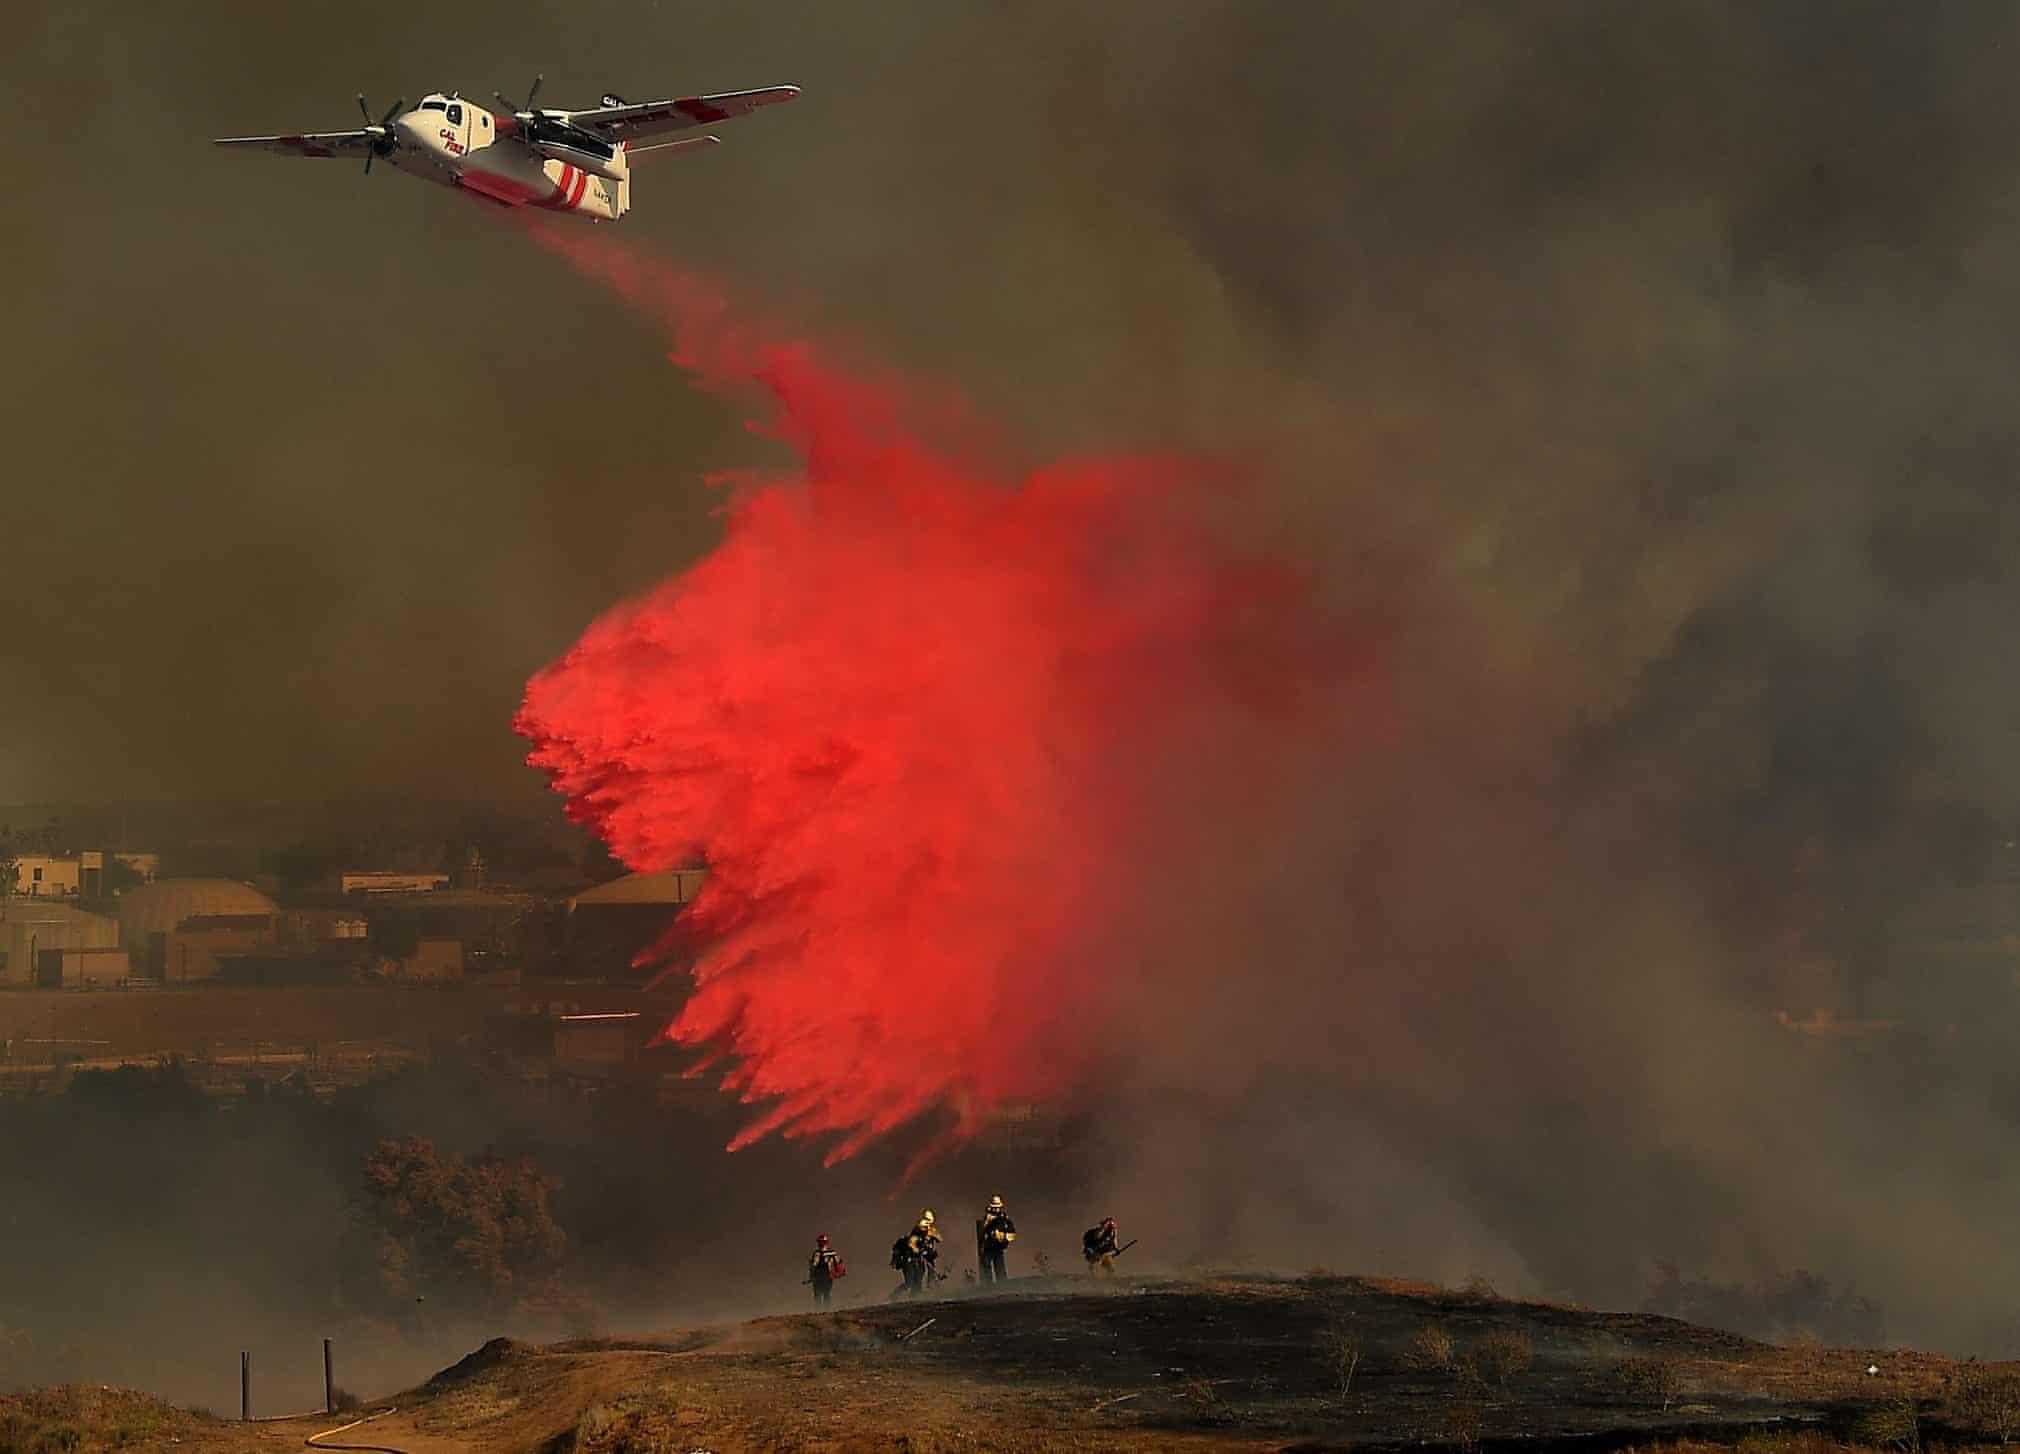 Lũ lụt, cháy rừng và loạt ảnh khủng hoảng khí hậu toàn cầu - ảnh 3